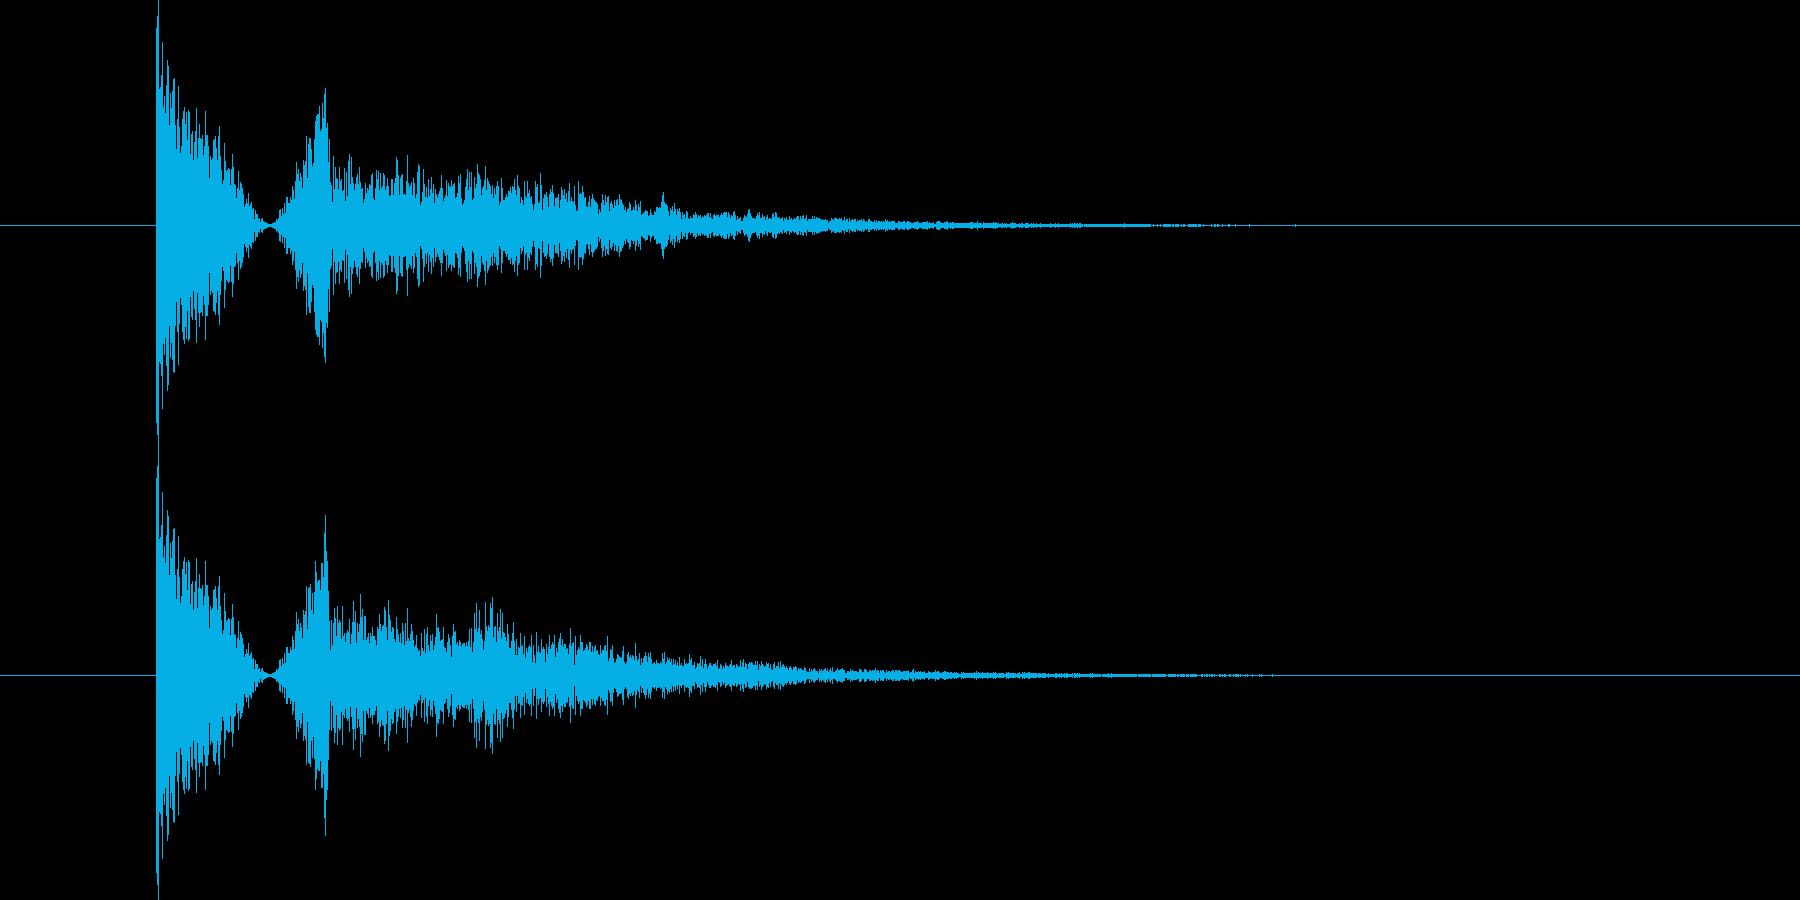 金属系の物音の再生済みの波形